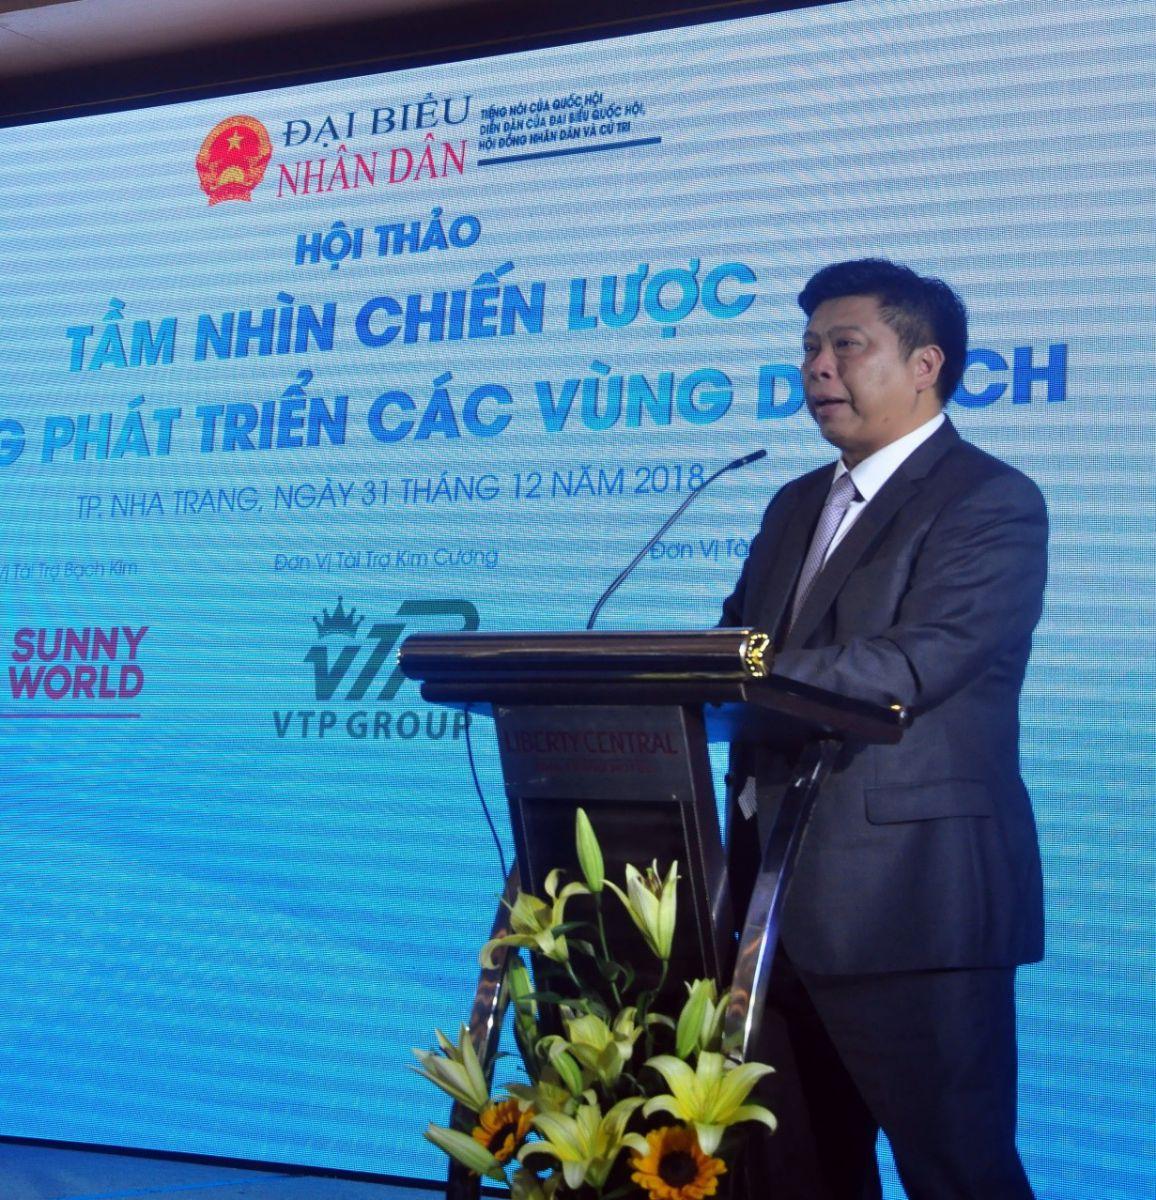 """Ông Nguyễn Đức Chi, Chủ tịch Tập đoàn Crystal Bay phát biểu tham luận """"Một kỳ nghỉ - Hai vùng di sản"""""""